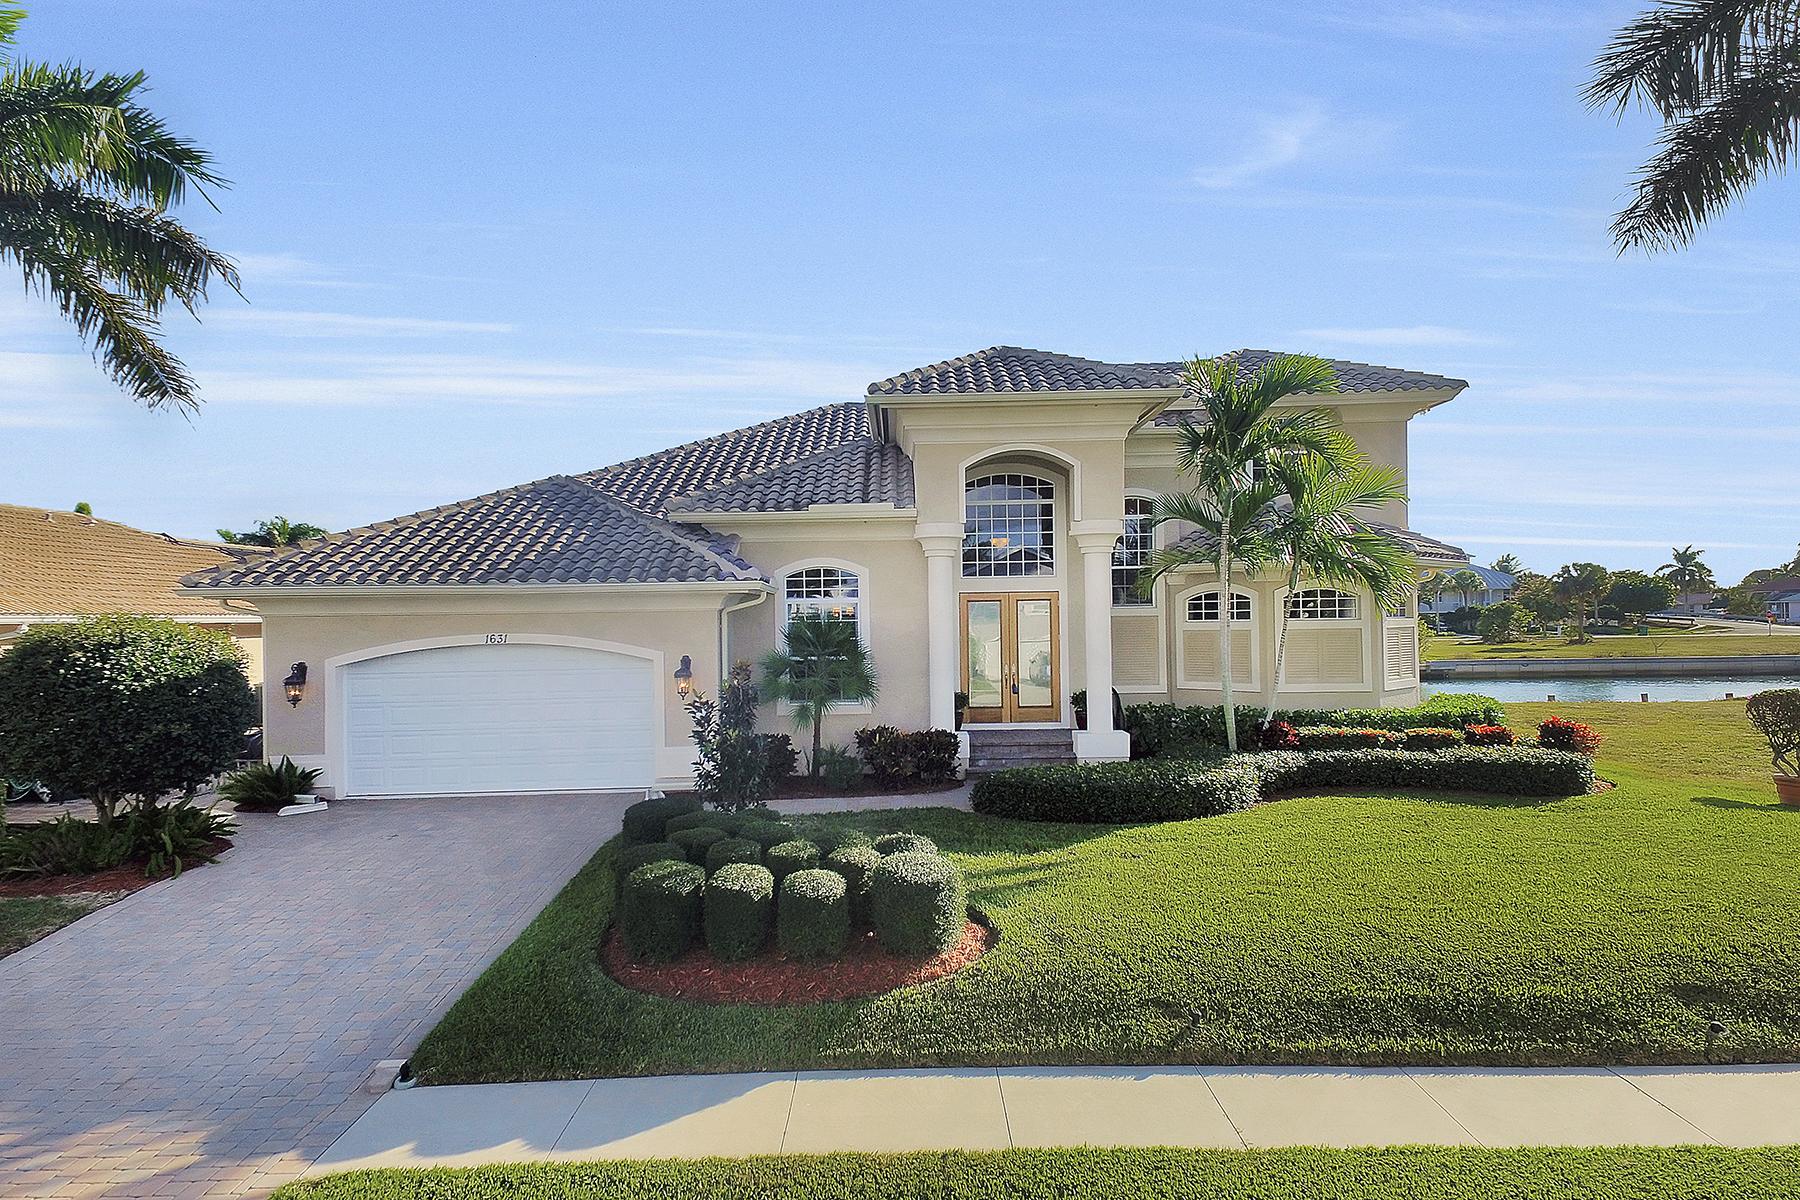 独户住宅 为 销售 在 MARCO ISLAND 1631 Begonia Ct 马可岛, 佛罗里达州, 34145 美国